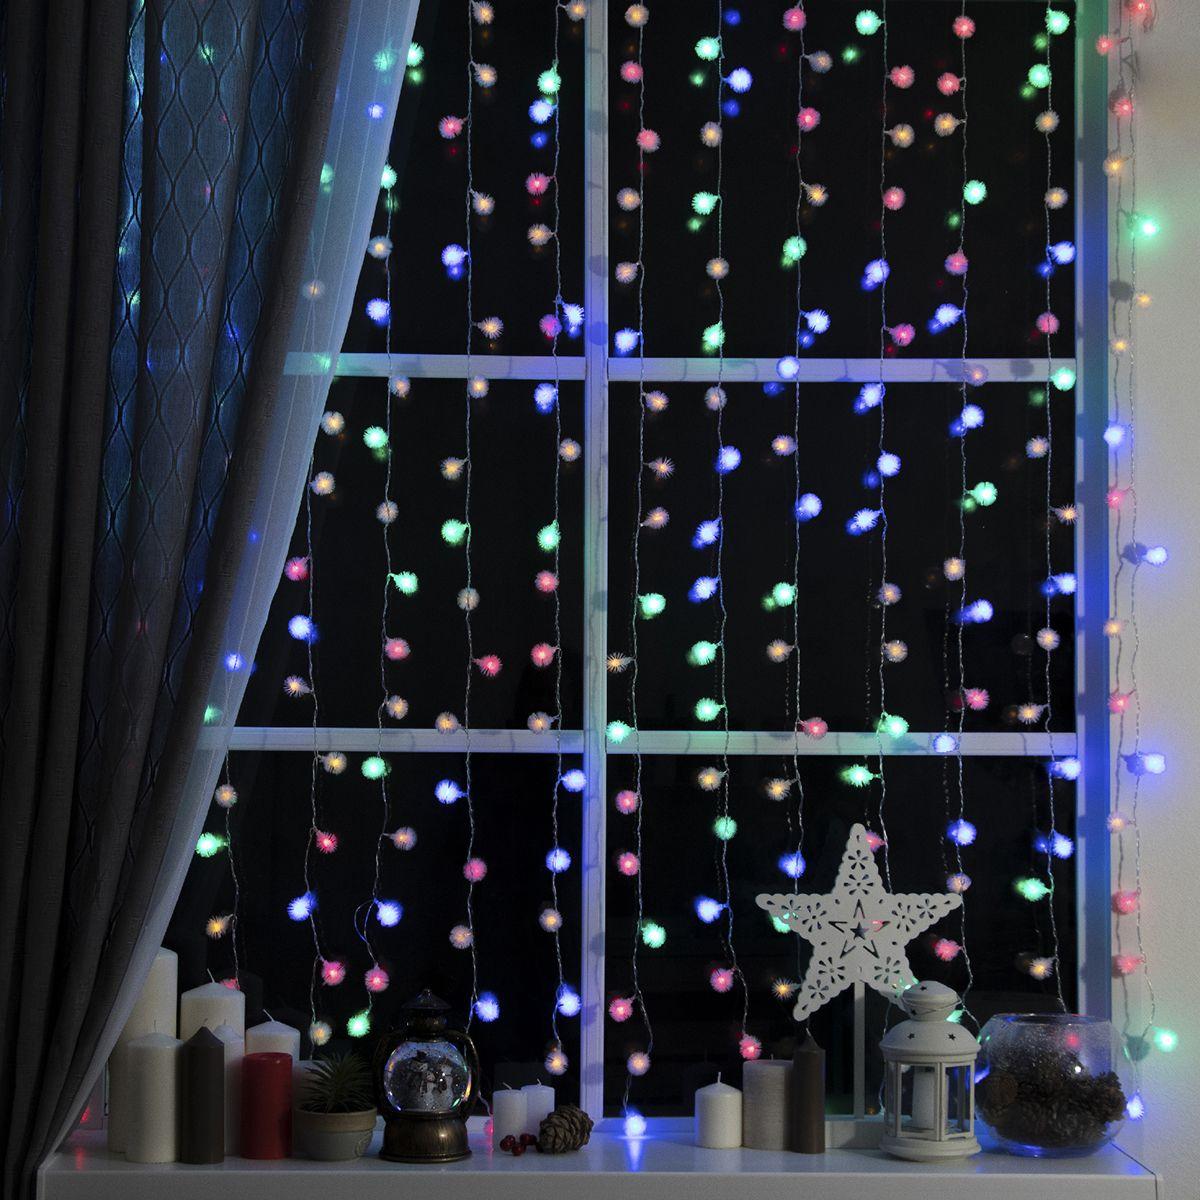 Гирлянда электрическая Luazon Lighting Занавес. Ежики, нить прозрачная, цвет: разноцветный, 360 LED, 220 V, 8 режимов, 2 х 1,5 м гирлянда уличная luazon lighting сеть умс нить прозрачная цвет разноцветный 192 led 2 х 1 5 м